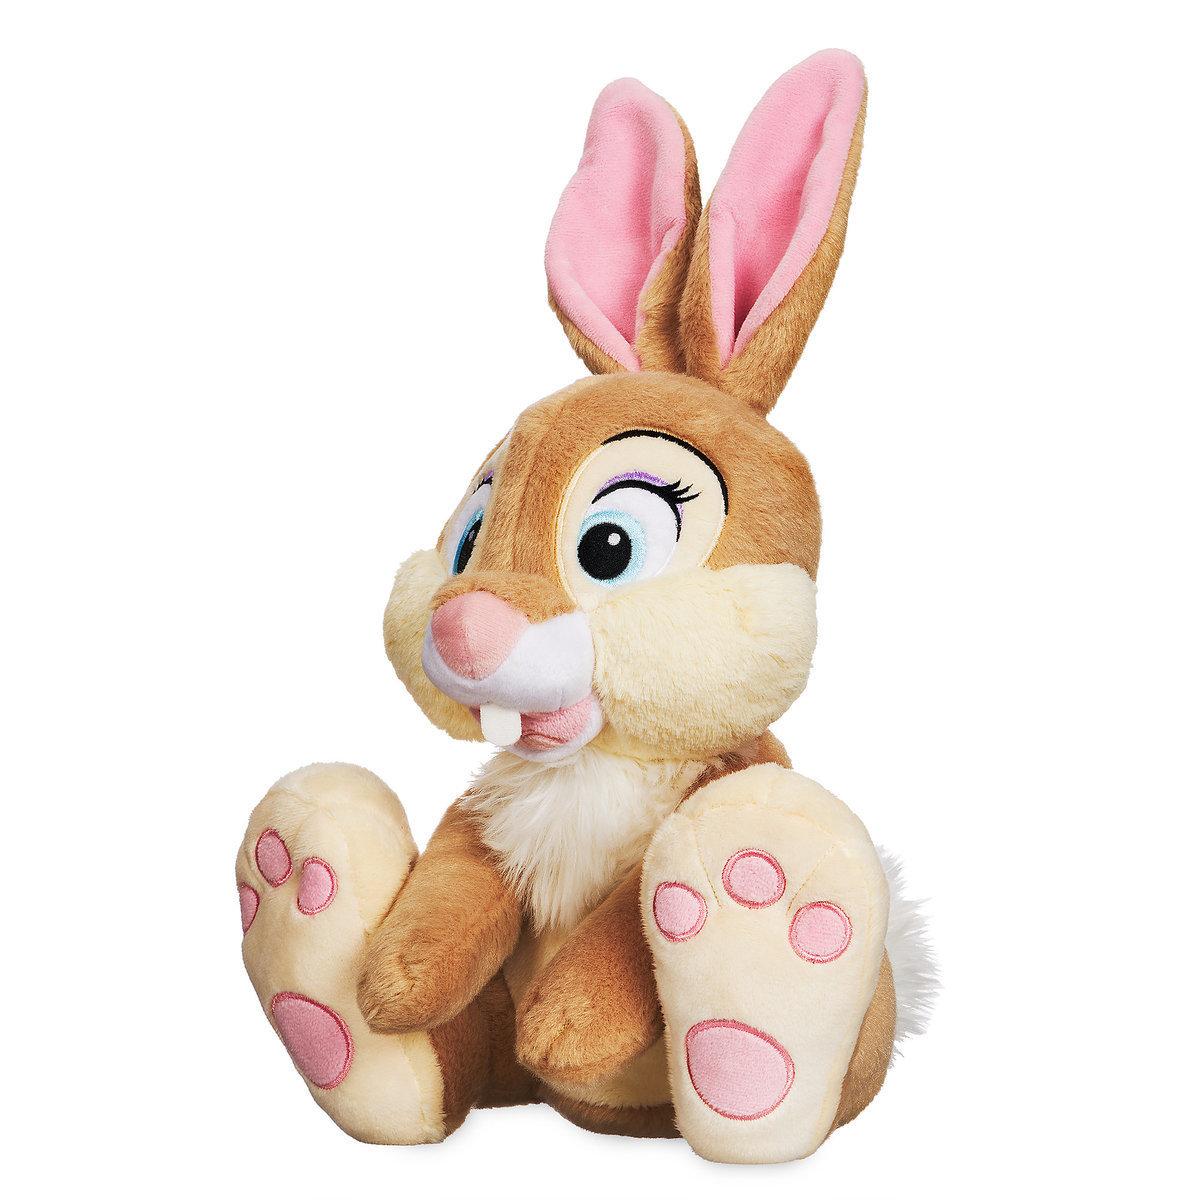 Мягкая игрушка «Мисс Банни» Дисней - 38 см